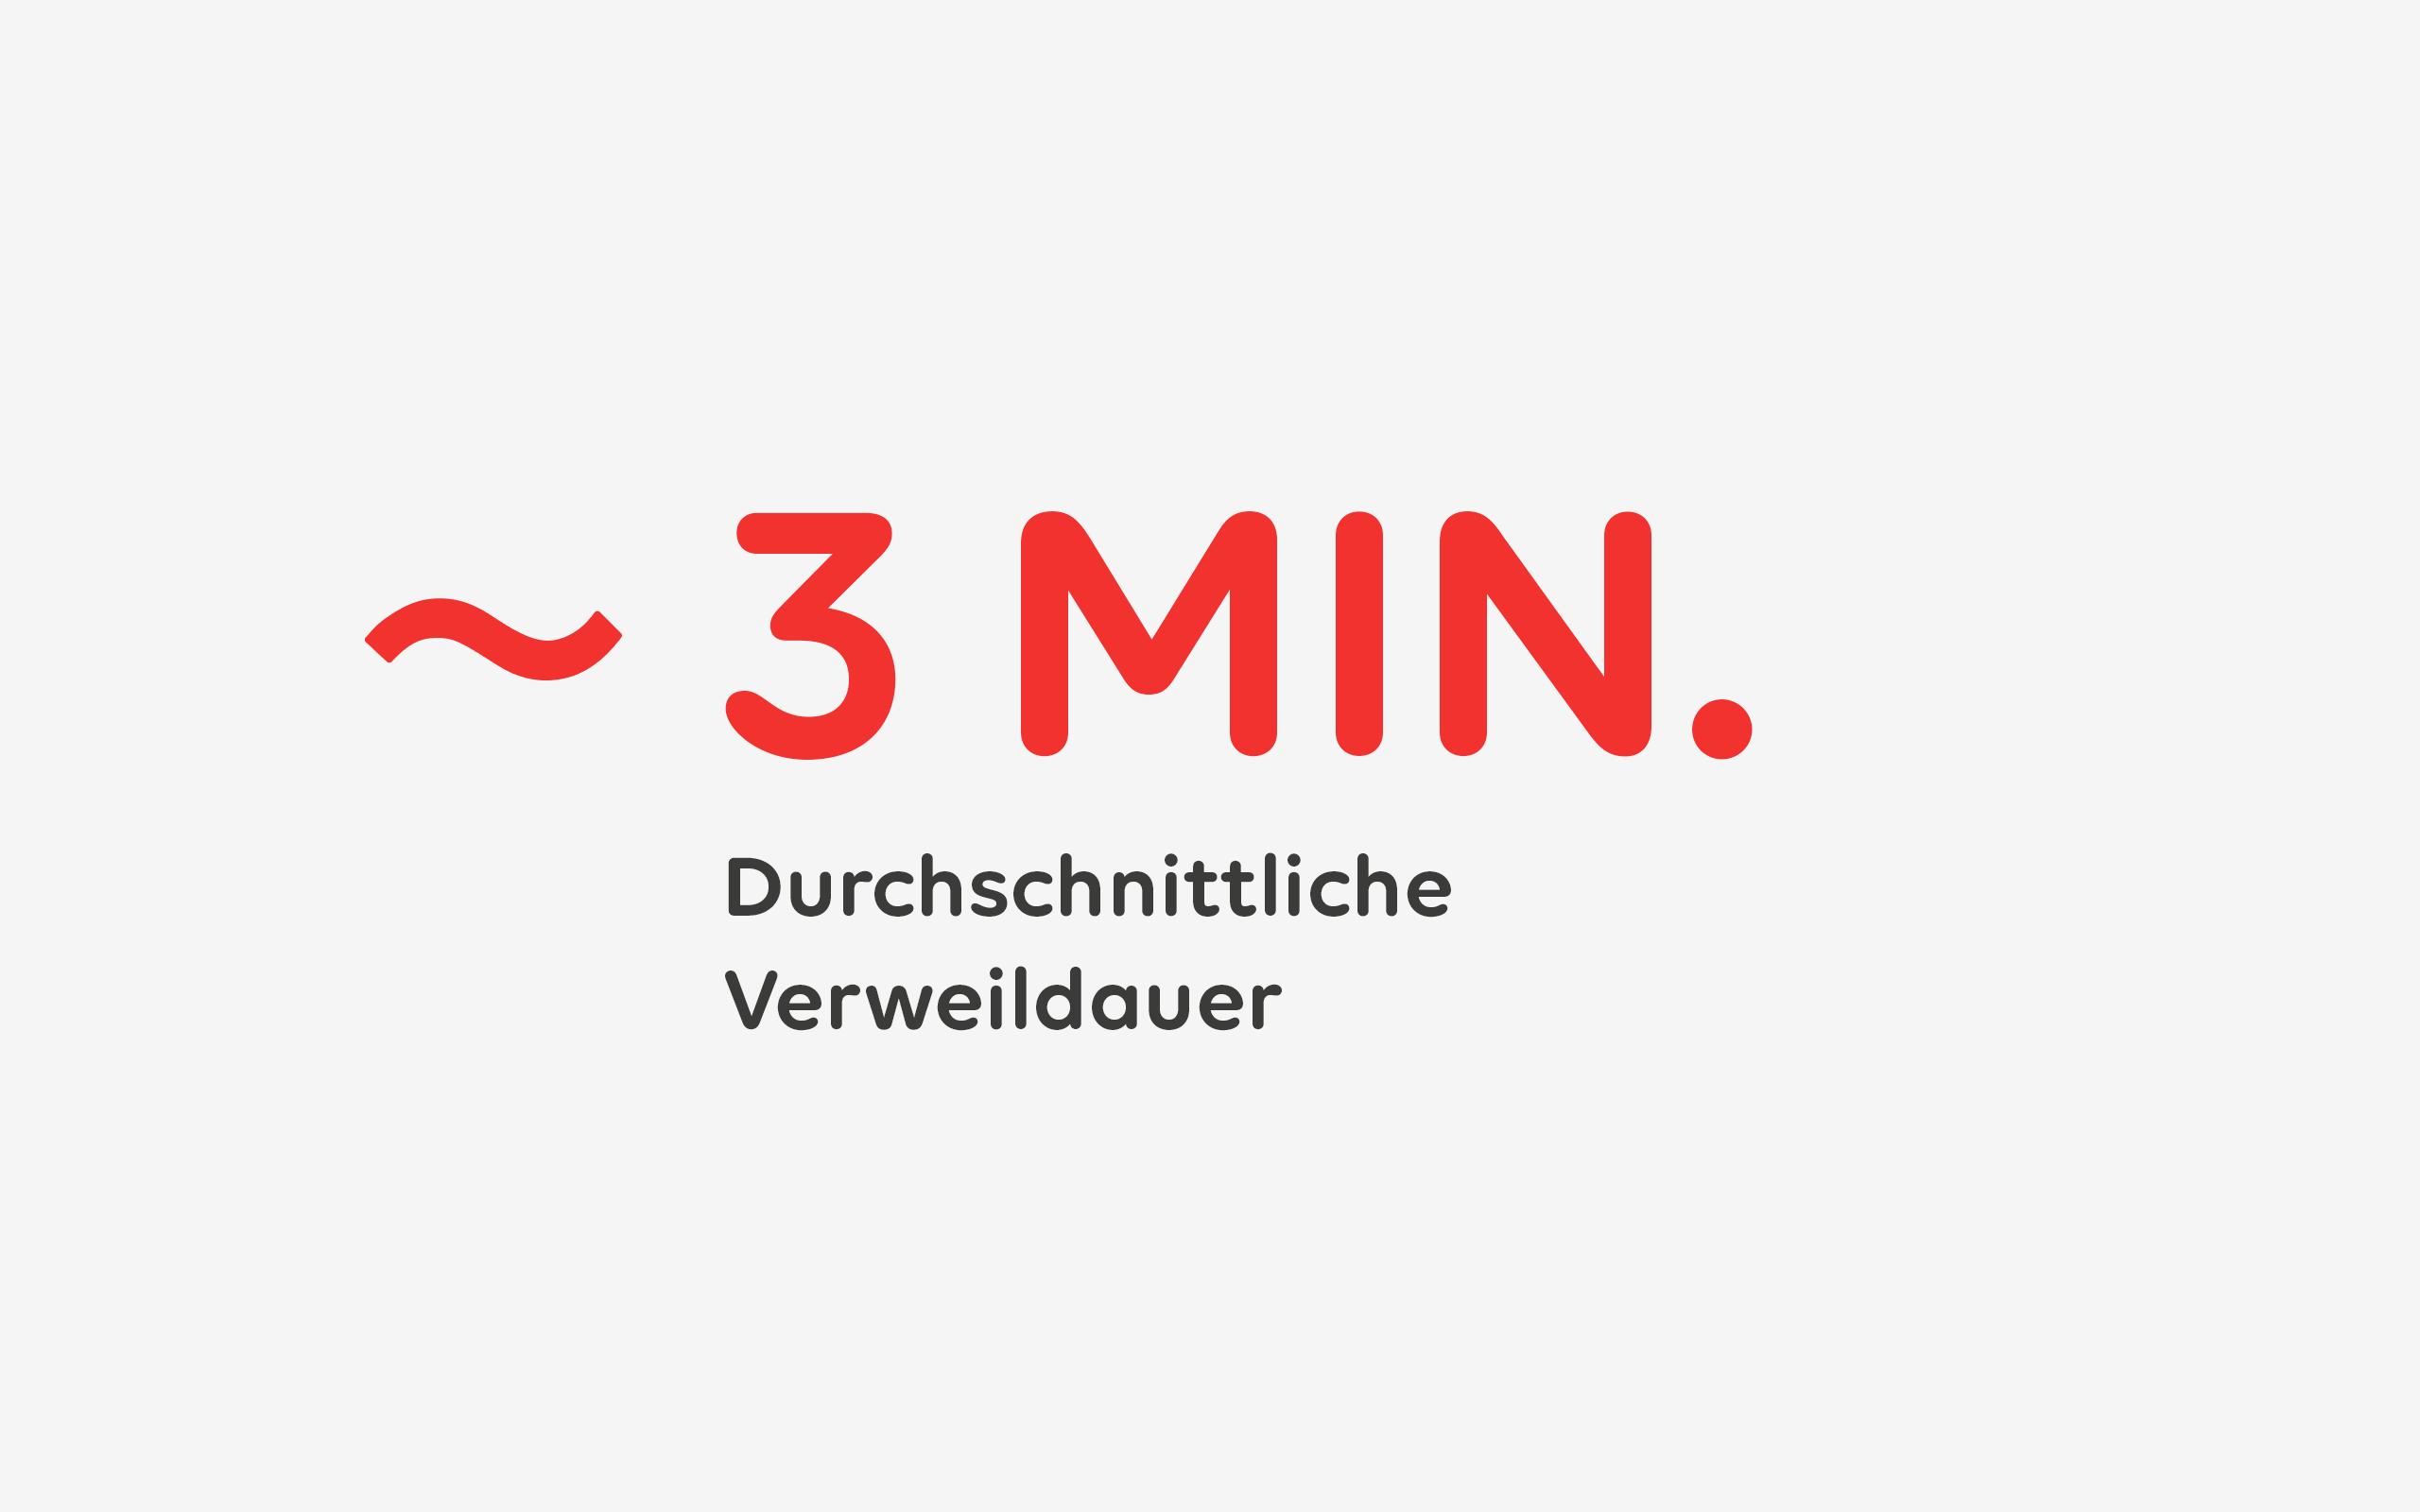 3 Minuten durchschnittliche Besuchszeit